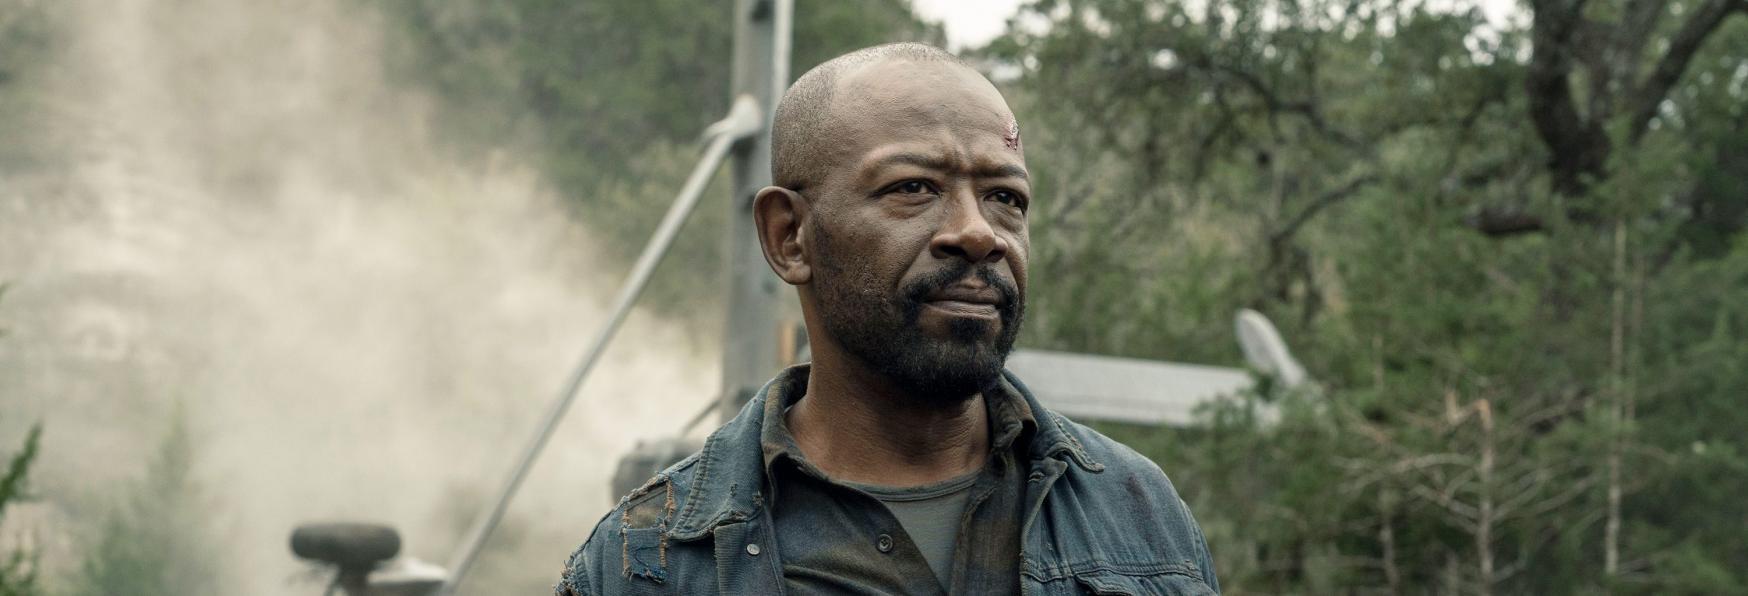 Fear the Walking Dead 6: Il Promo svela uno Spoiler sulla Nuova Stagione